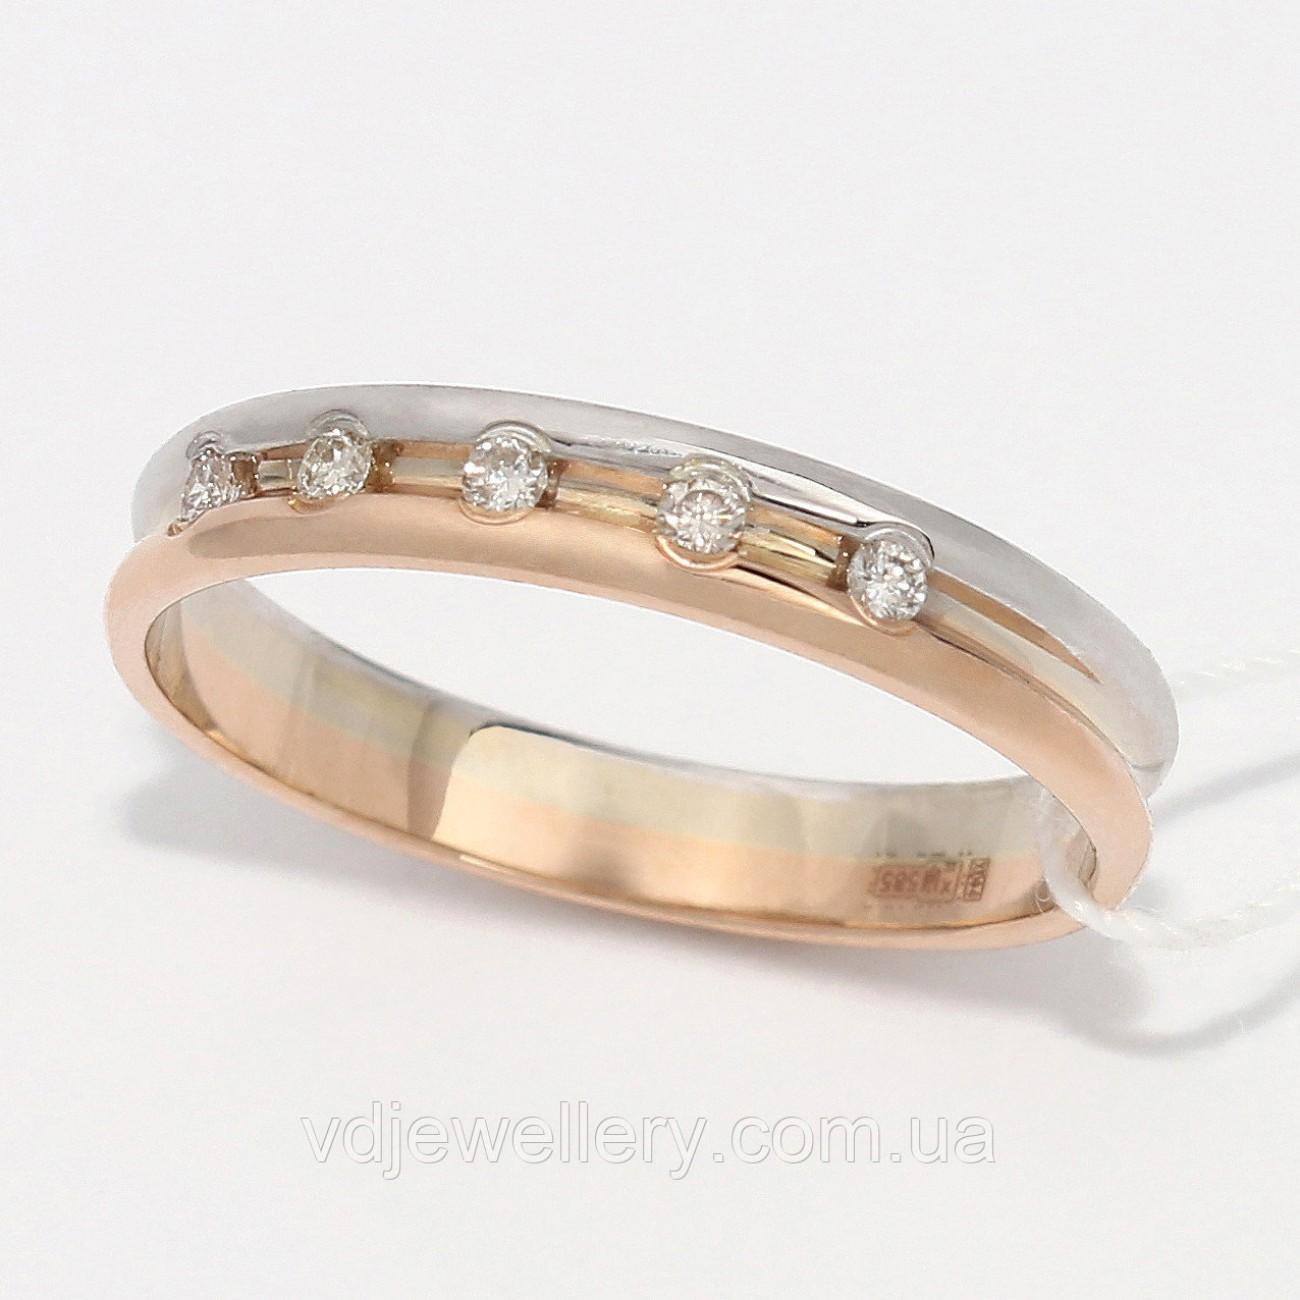 Золотое обручальное кольцо с бриллиантами ХОК-3